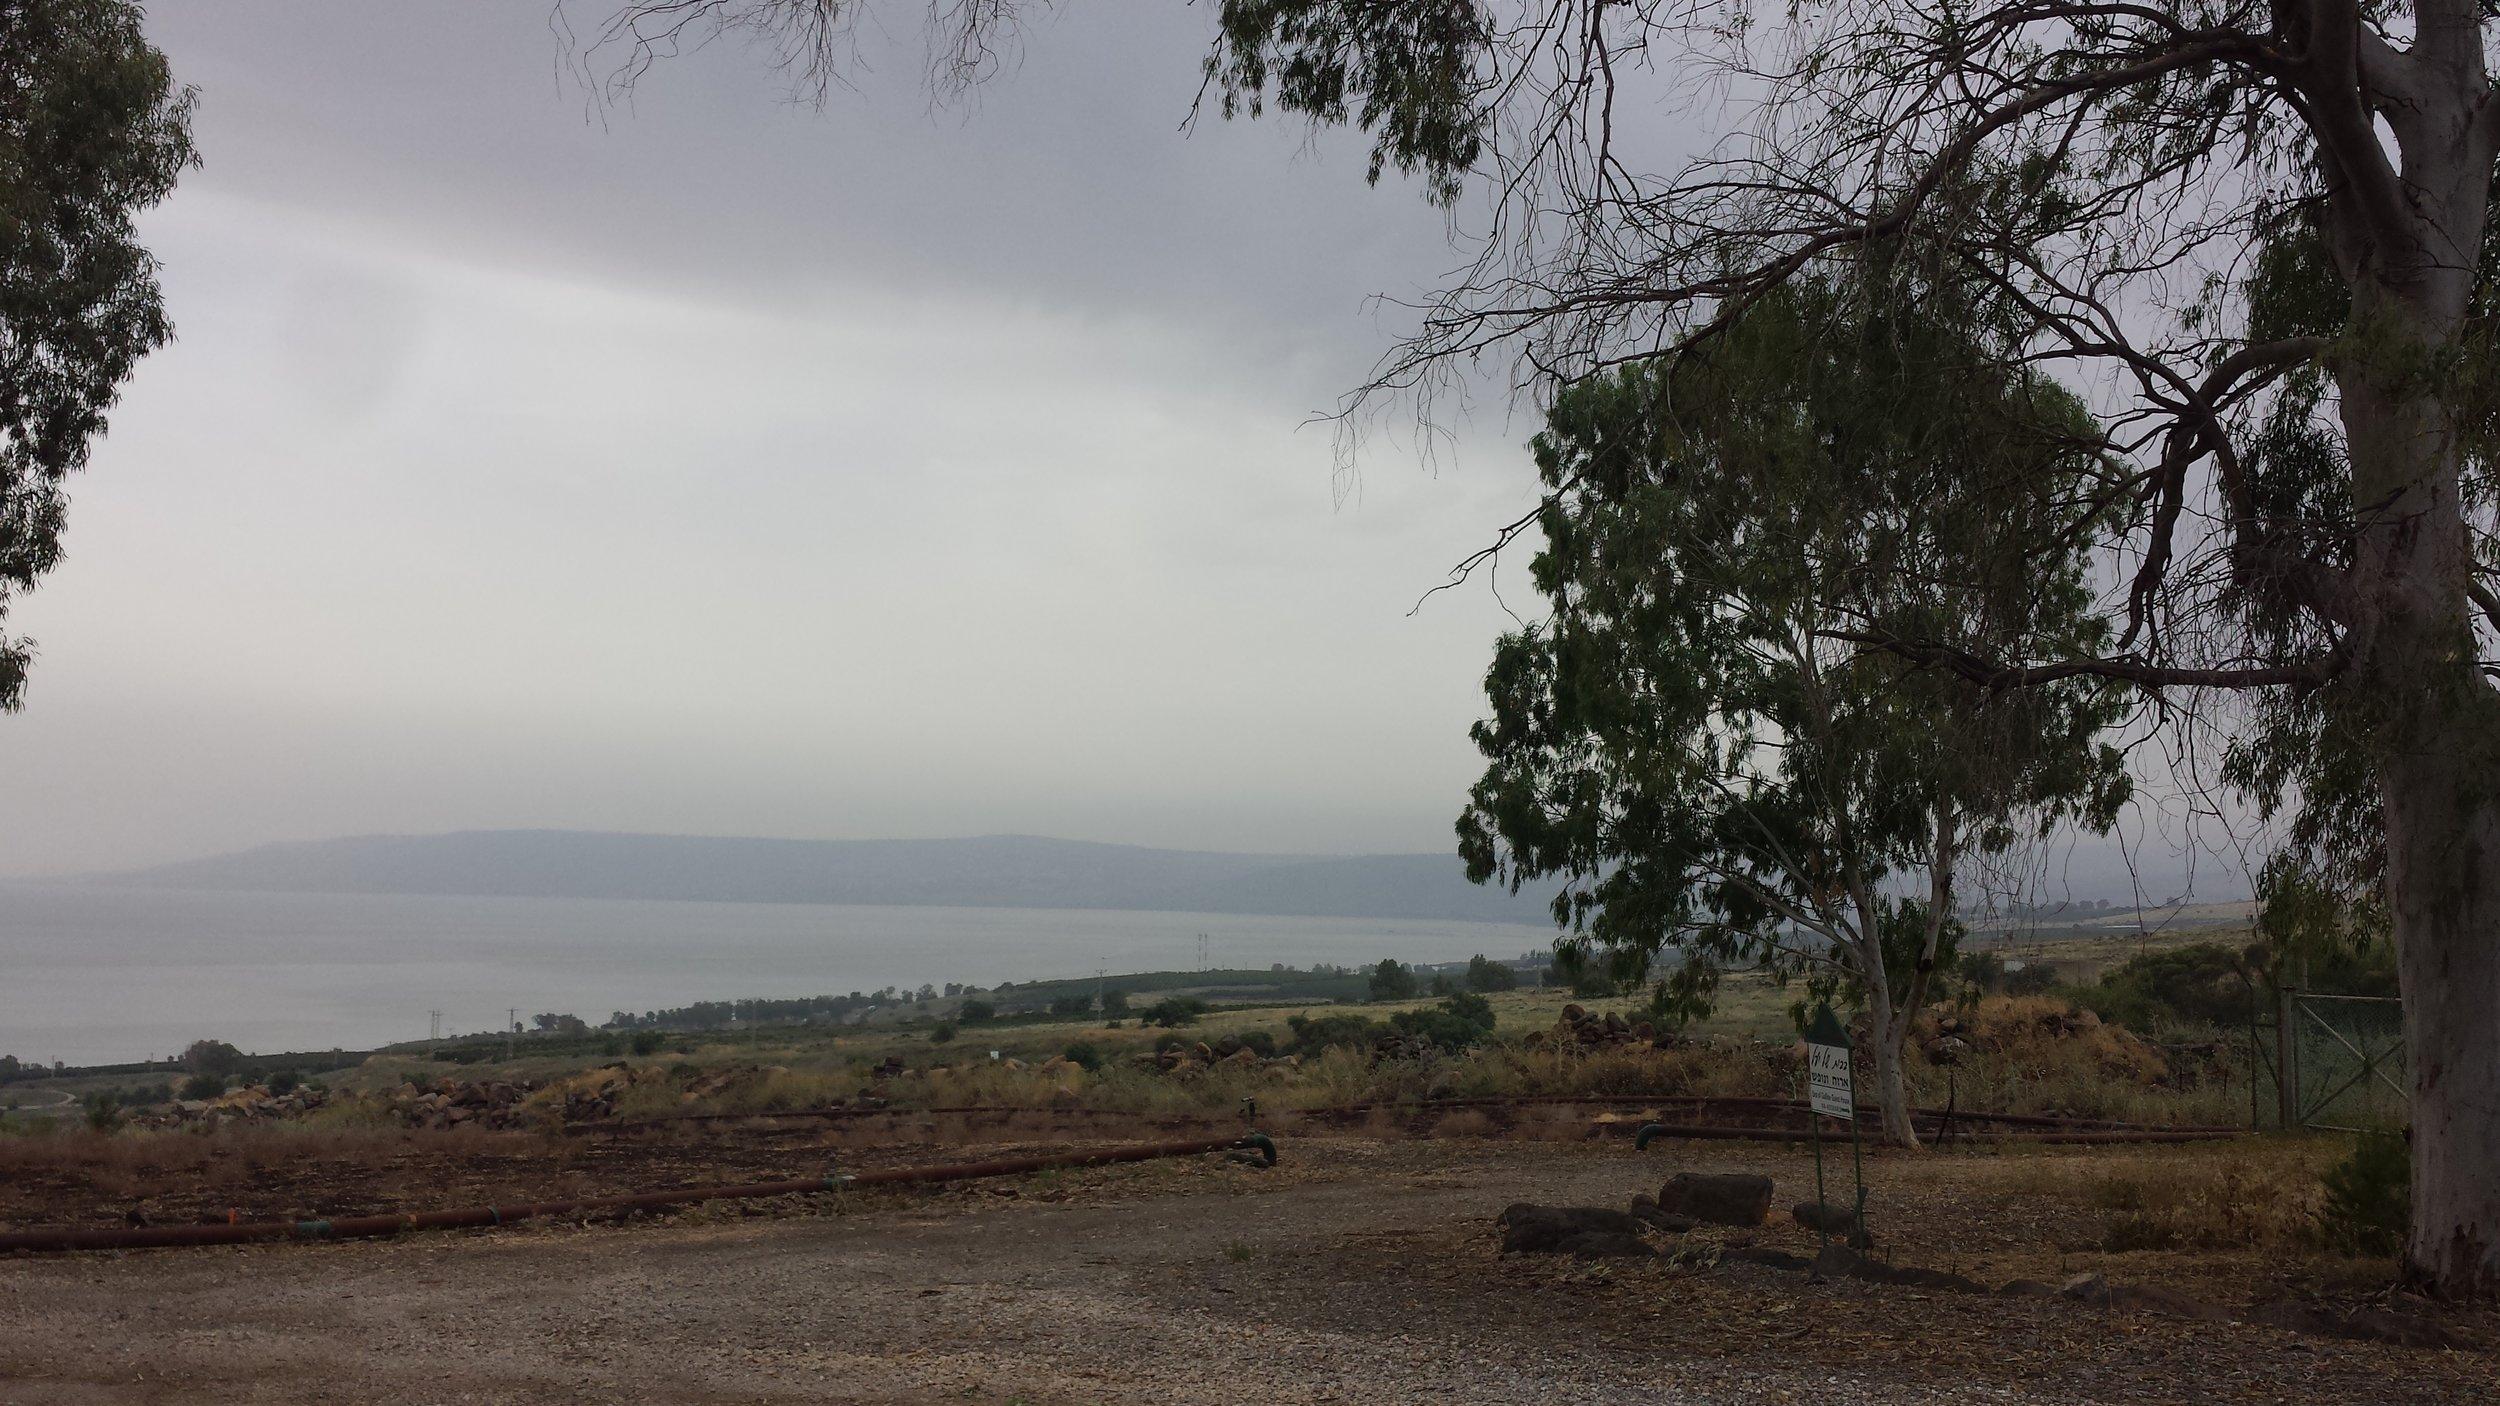 IMG_1420a.jpg Almagor guest house view of Sea of Galilee.jpg